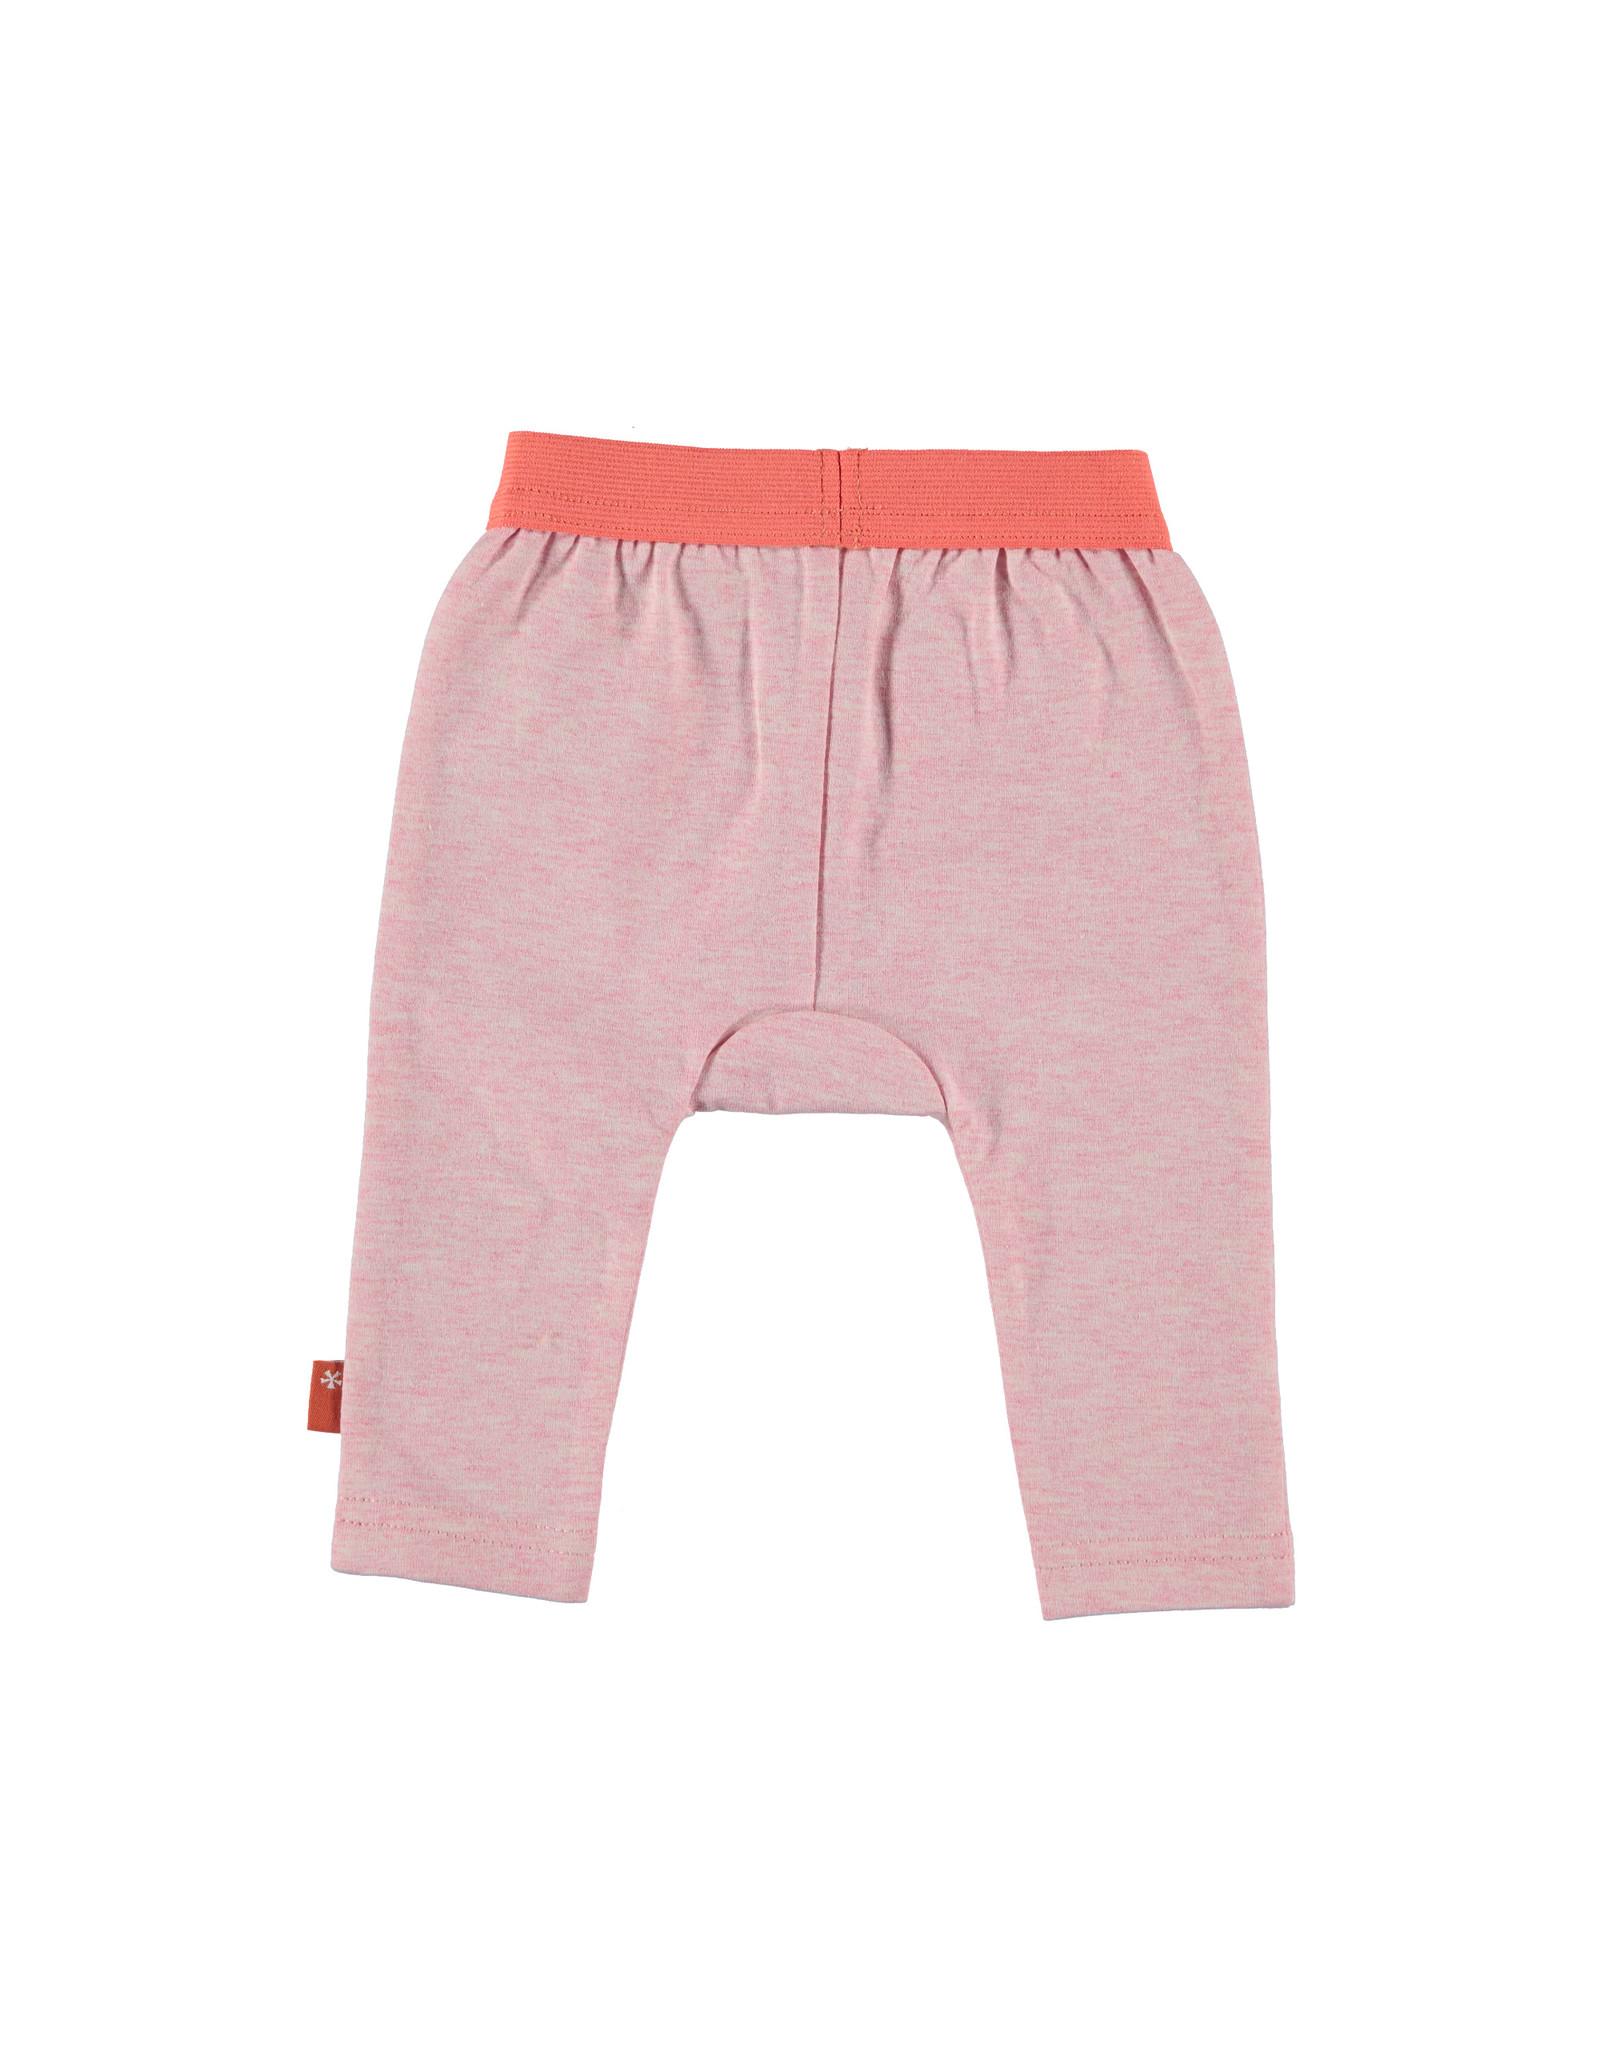 B.E.S.S. Legging Uni, Pink